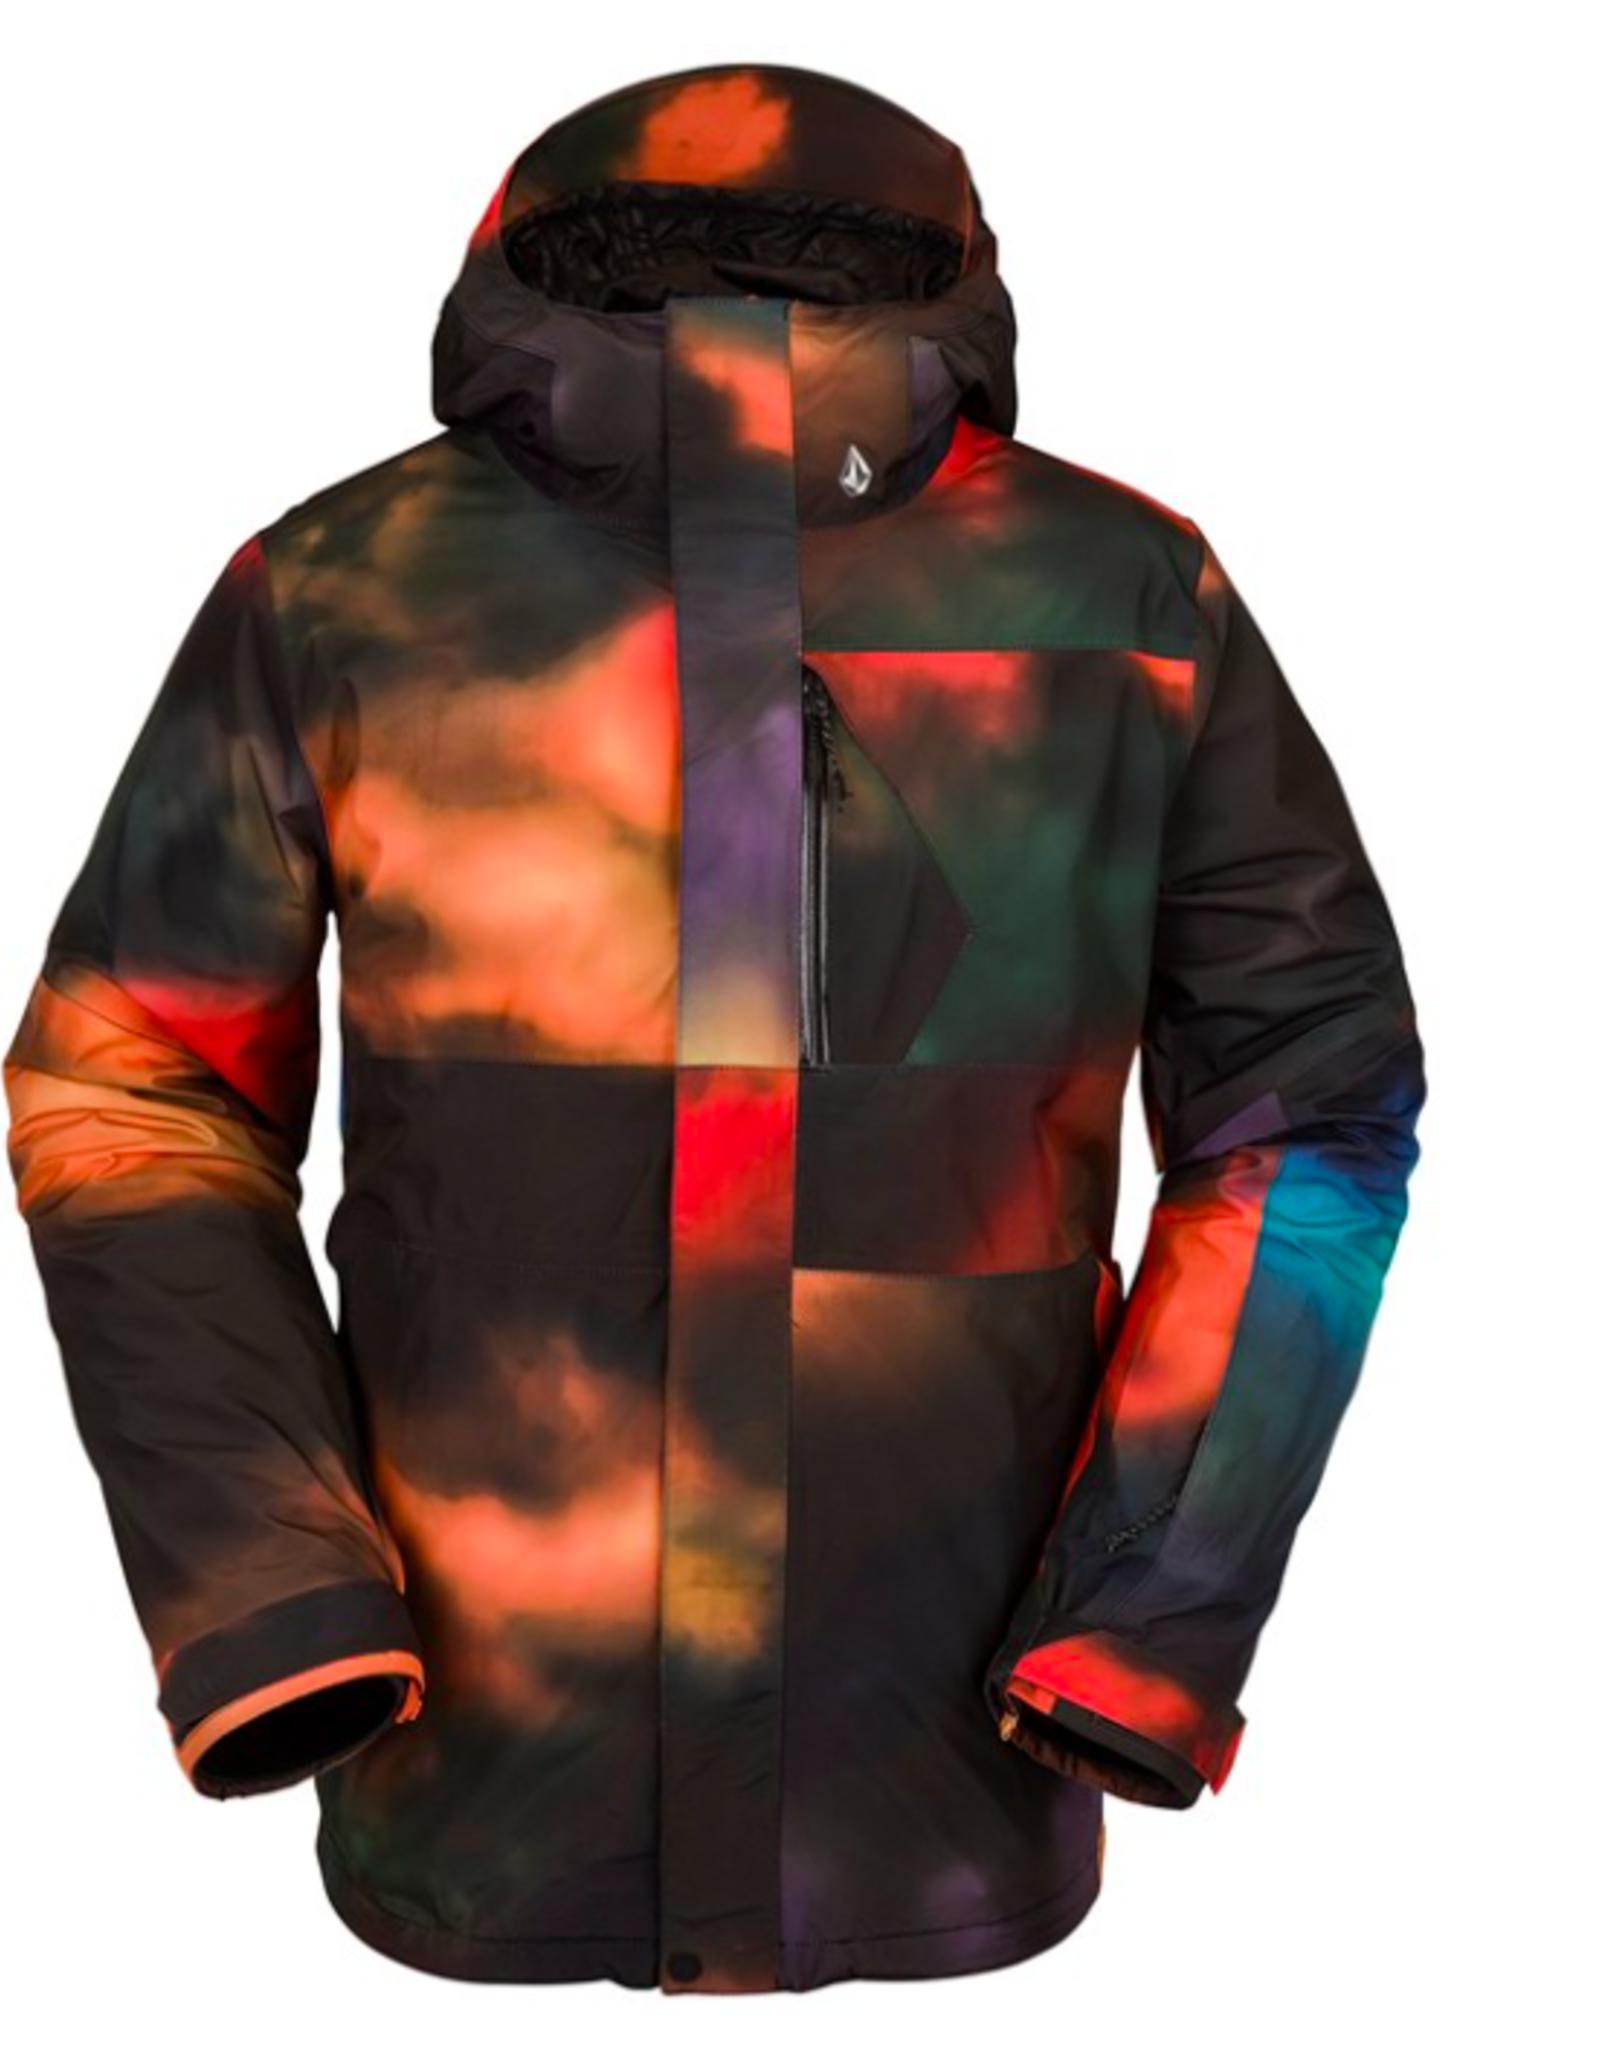 Volcom Men's L Gore-Tex Jacket MLT 2022